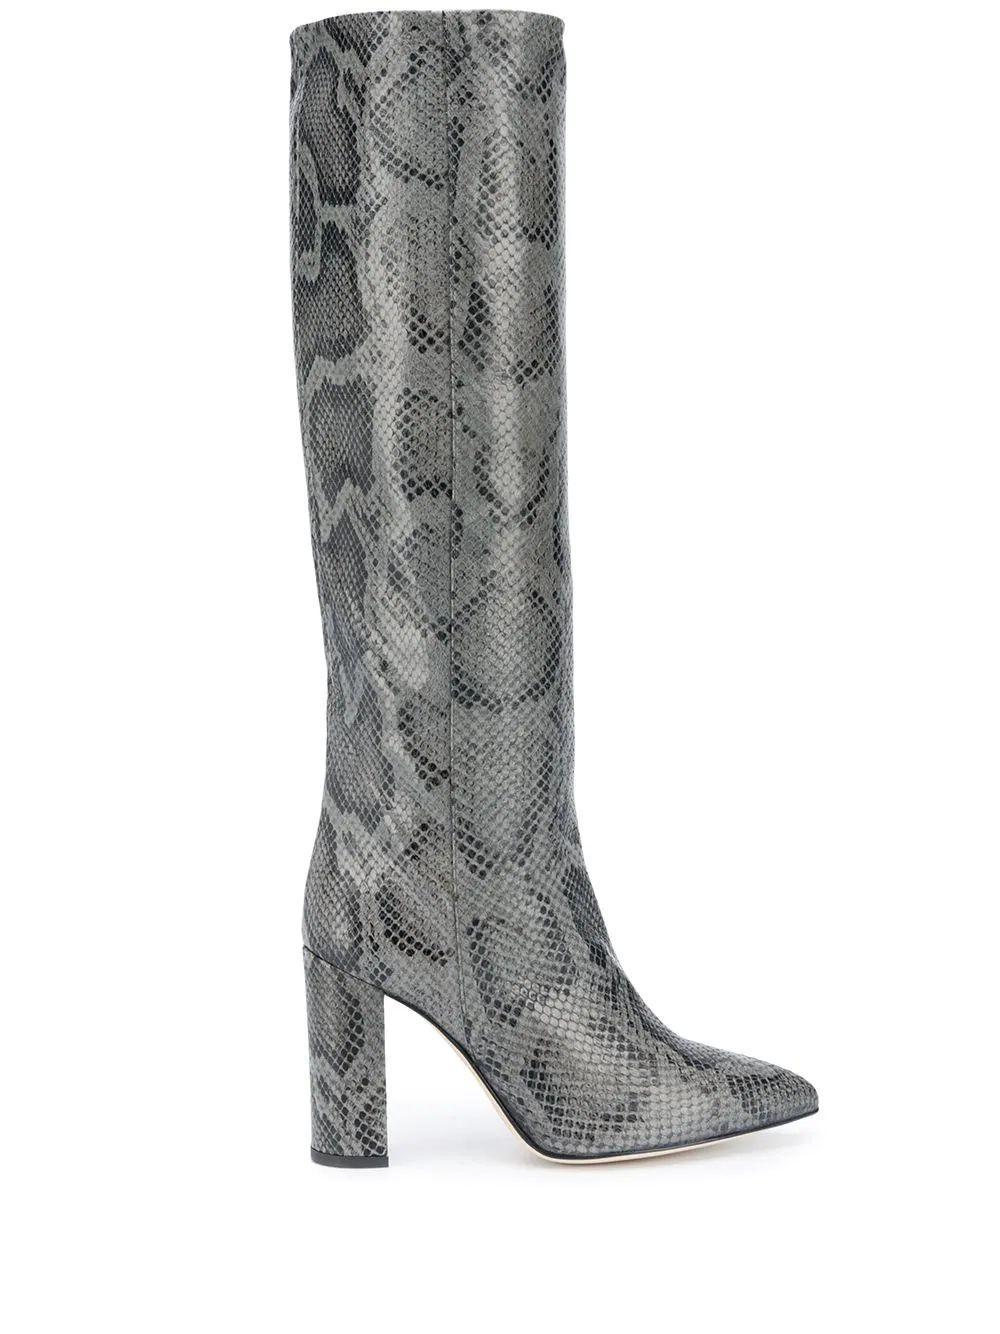 Python Print Boot